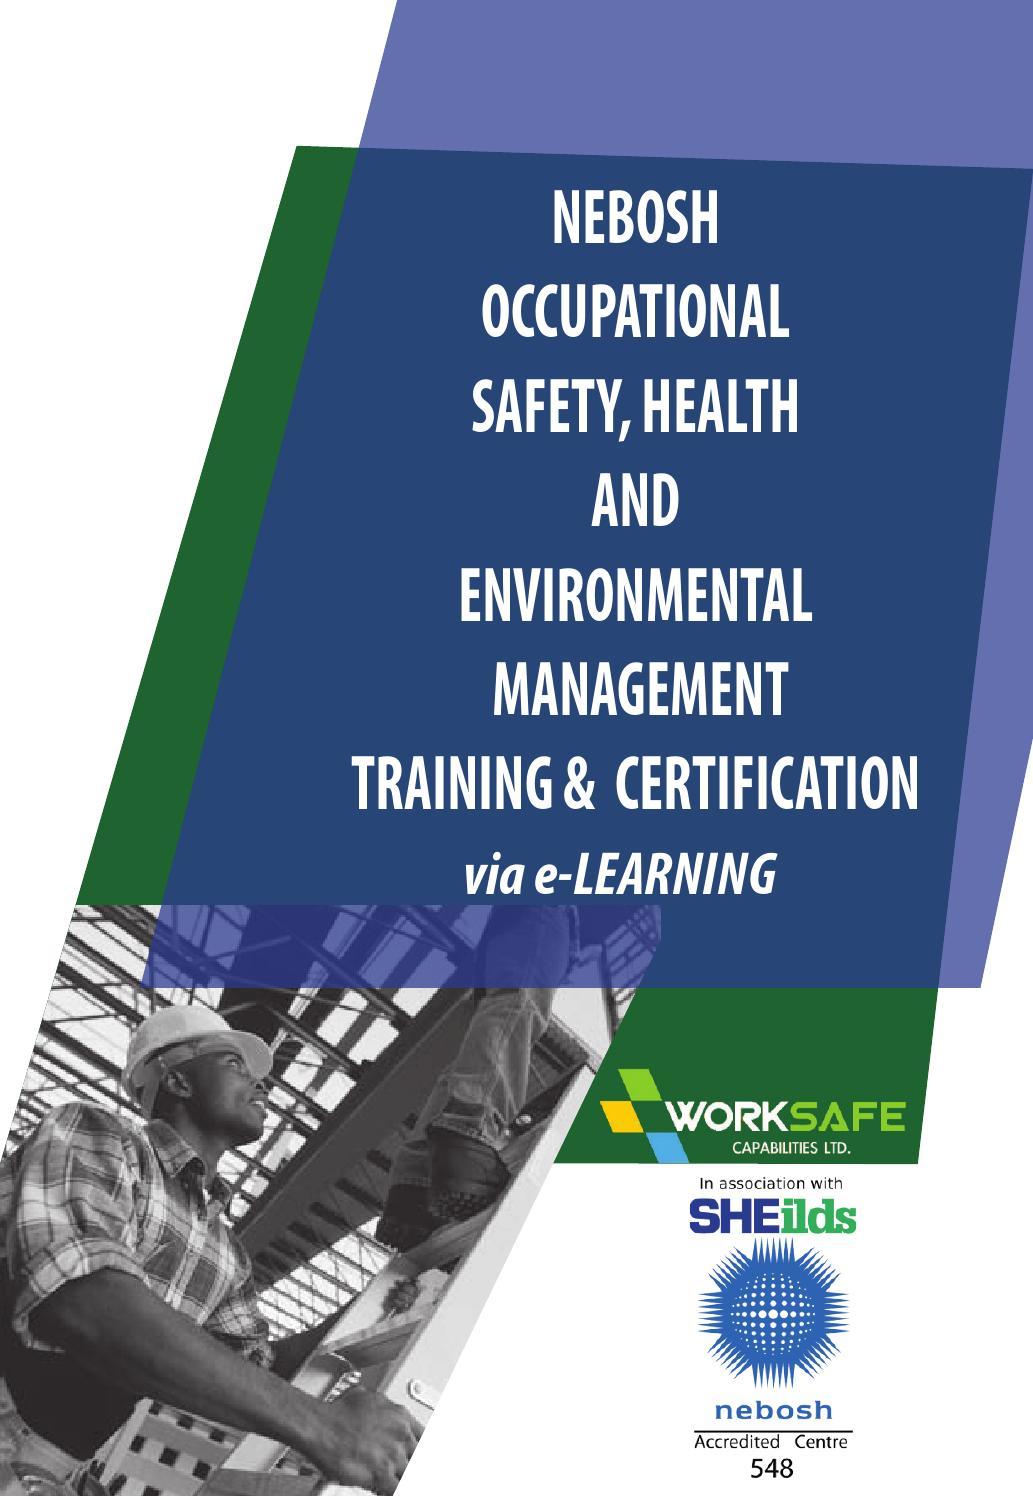 Nebosh Courses. by WorkSafeKenya - Issuu